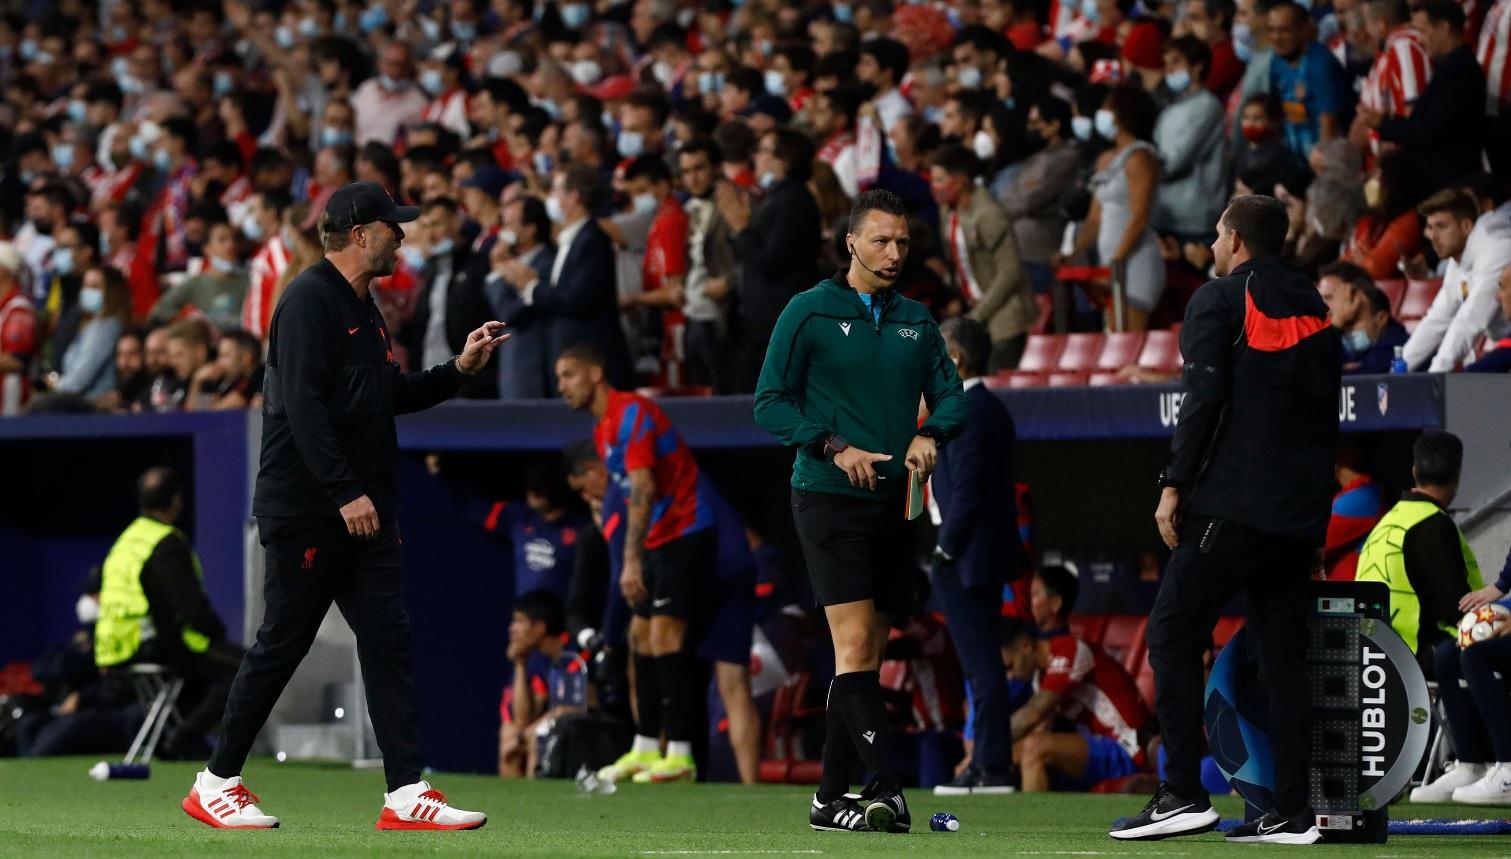 Reacţia lui Jurgen Klopp după ce Diego Simeone l-a lăsat cu mâna întinsă la finalul meciului Atletico - Liverpool 2-3